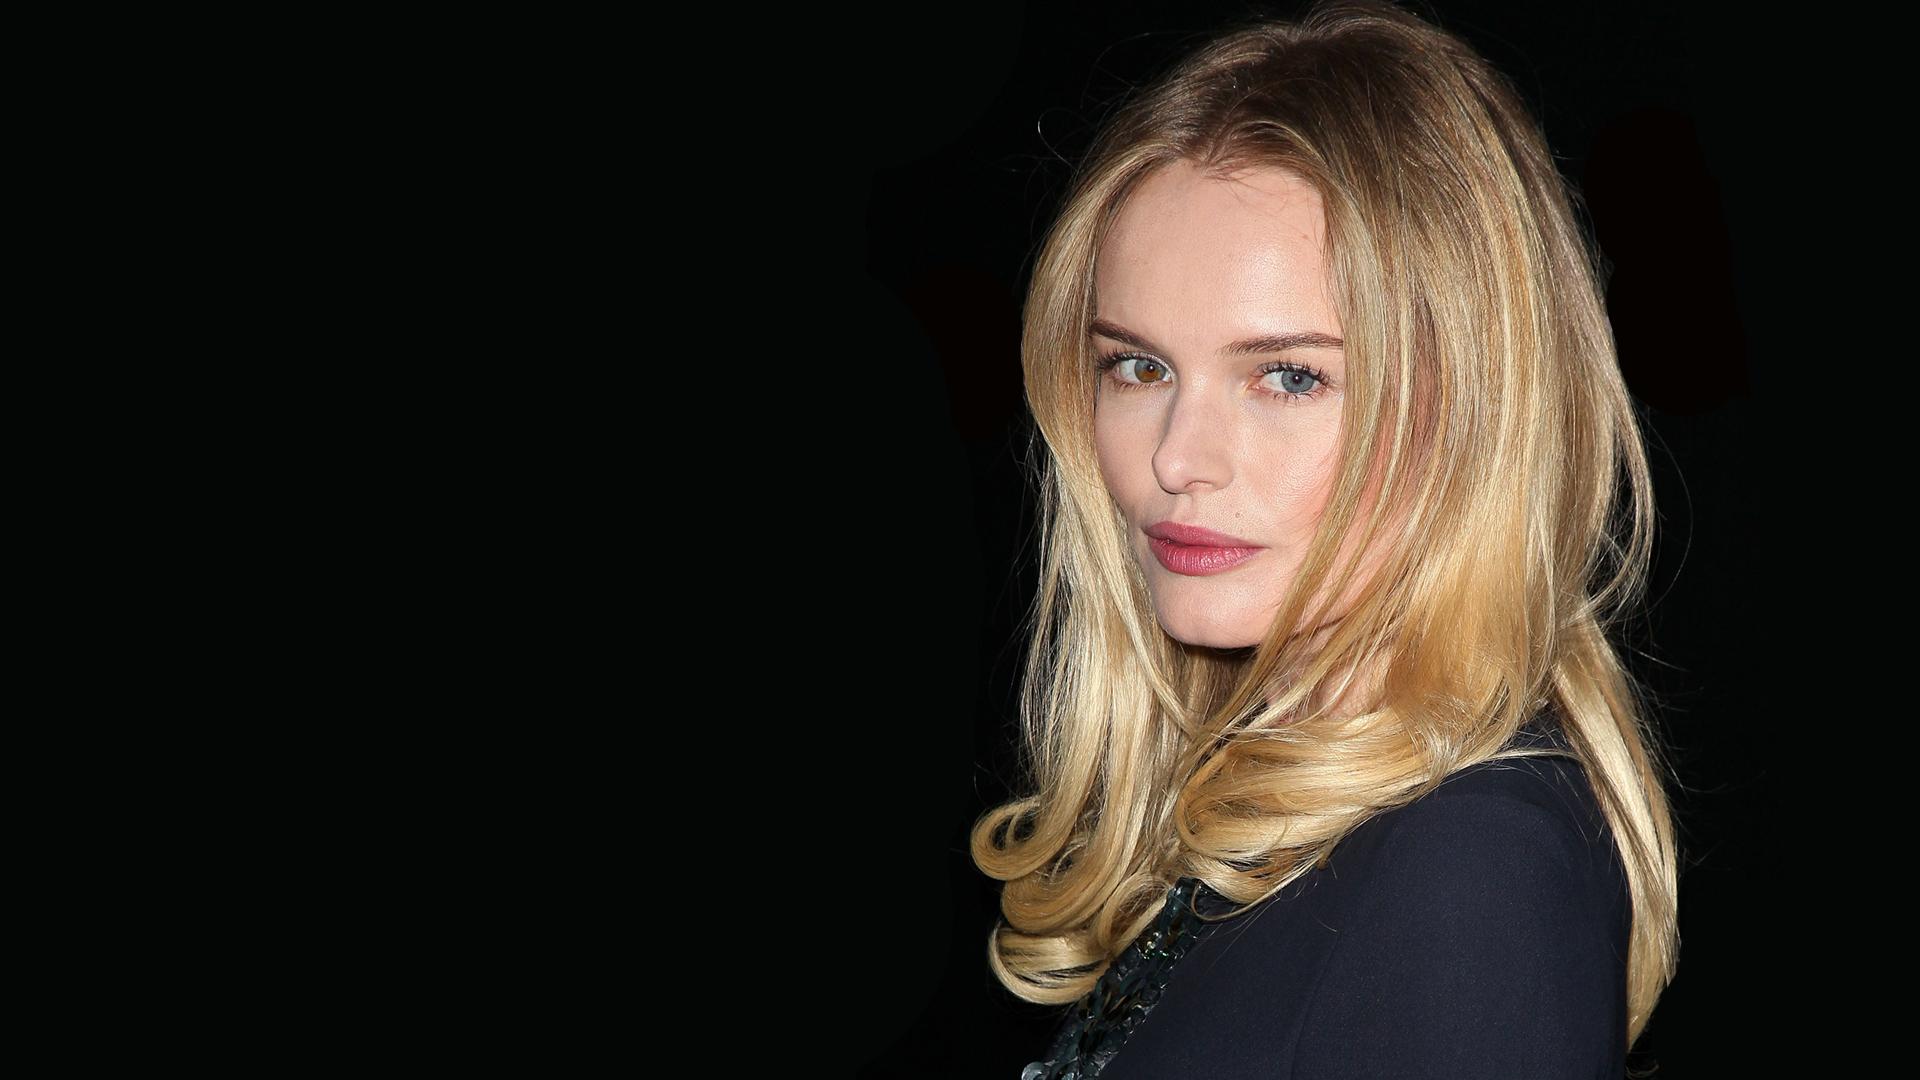 Kate Bosworth For Desktop Background